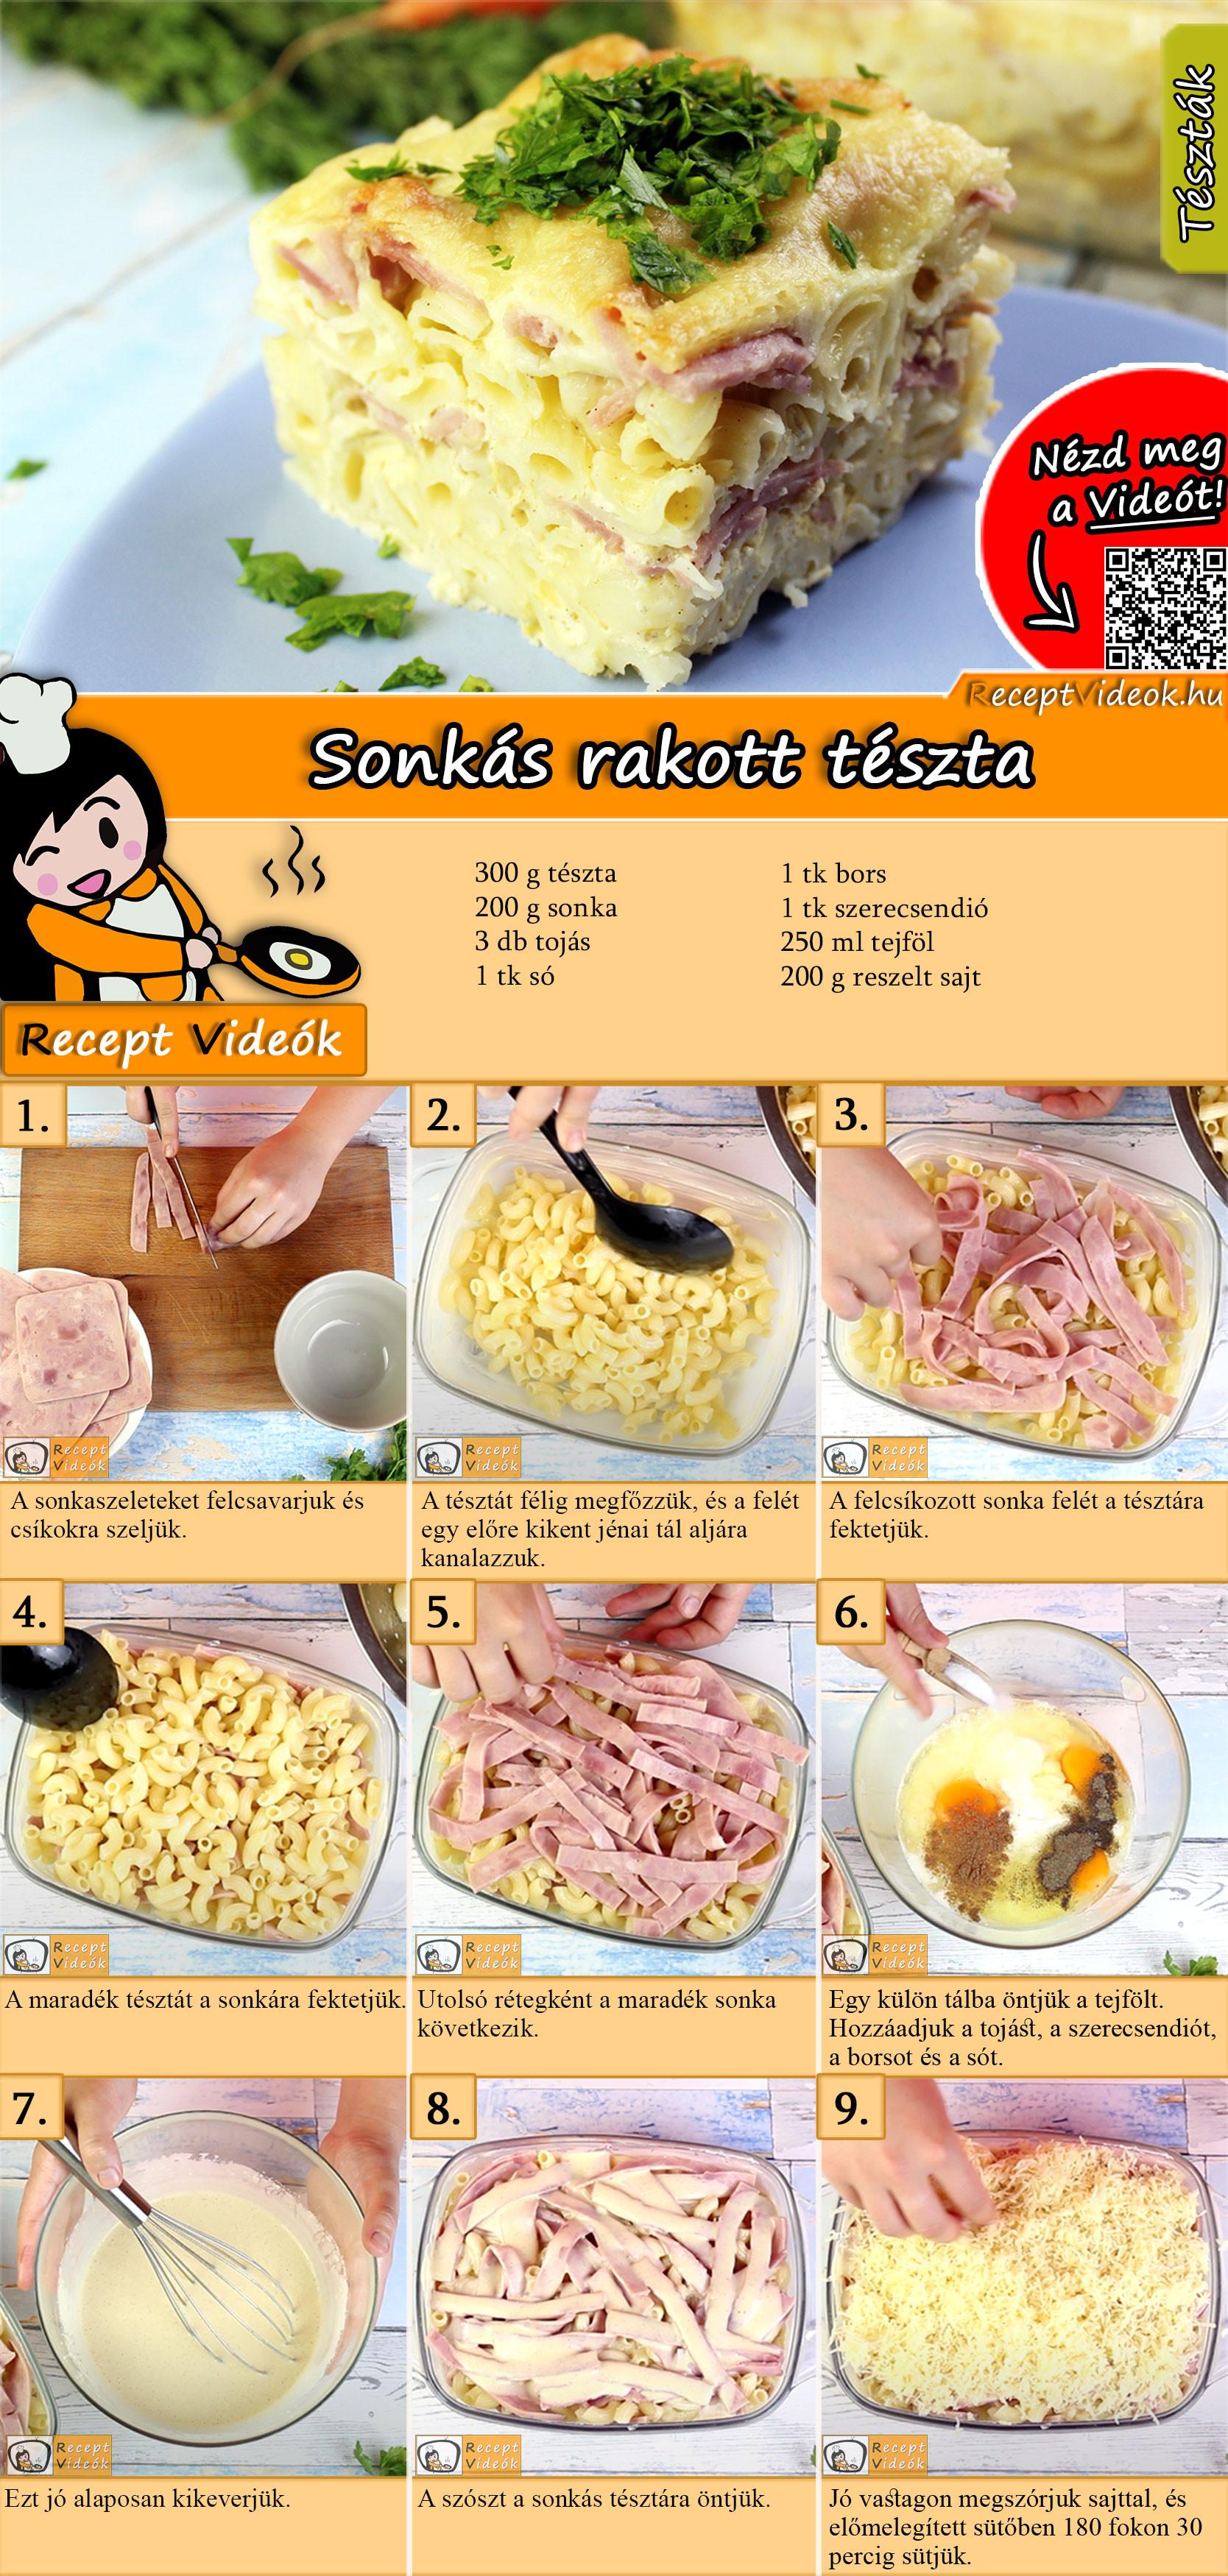 Sonkás rakott tészta recept elkészítése videóval